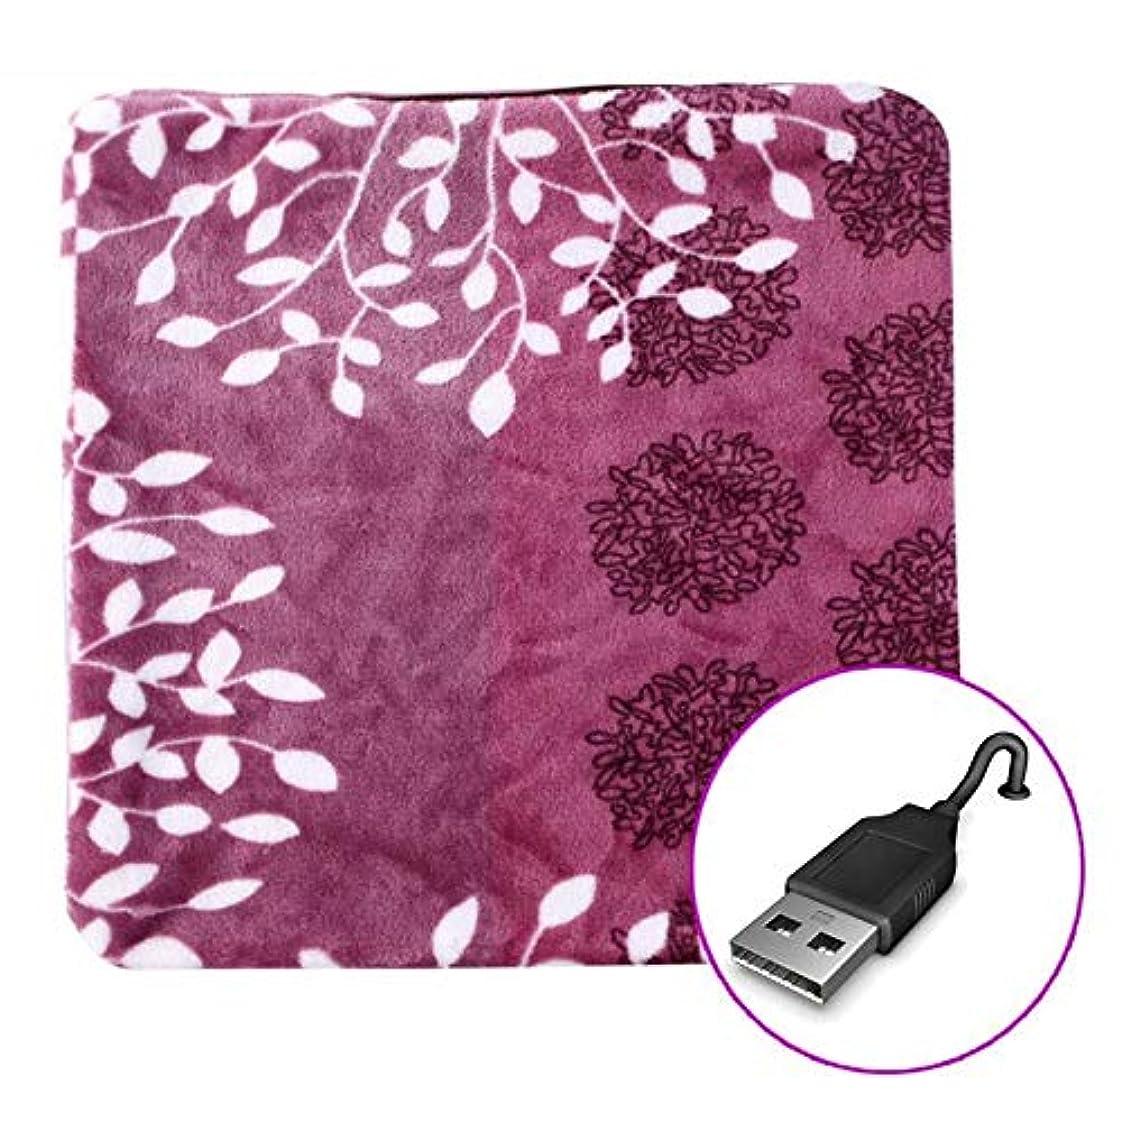 アニメーション洞窟答えLIFE 加熱クッション USB 45 × 45 センチメートルリムーバブルと洗える加熱パッド暖かいパッドオフィス電熱クッション電気加熱毛布クッション クッション 椅子